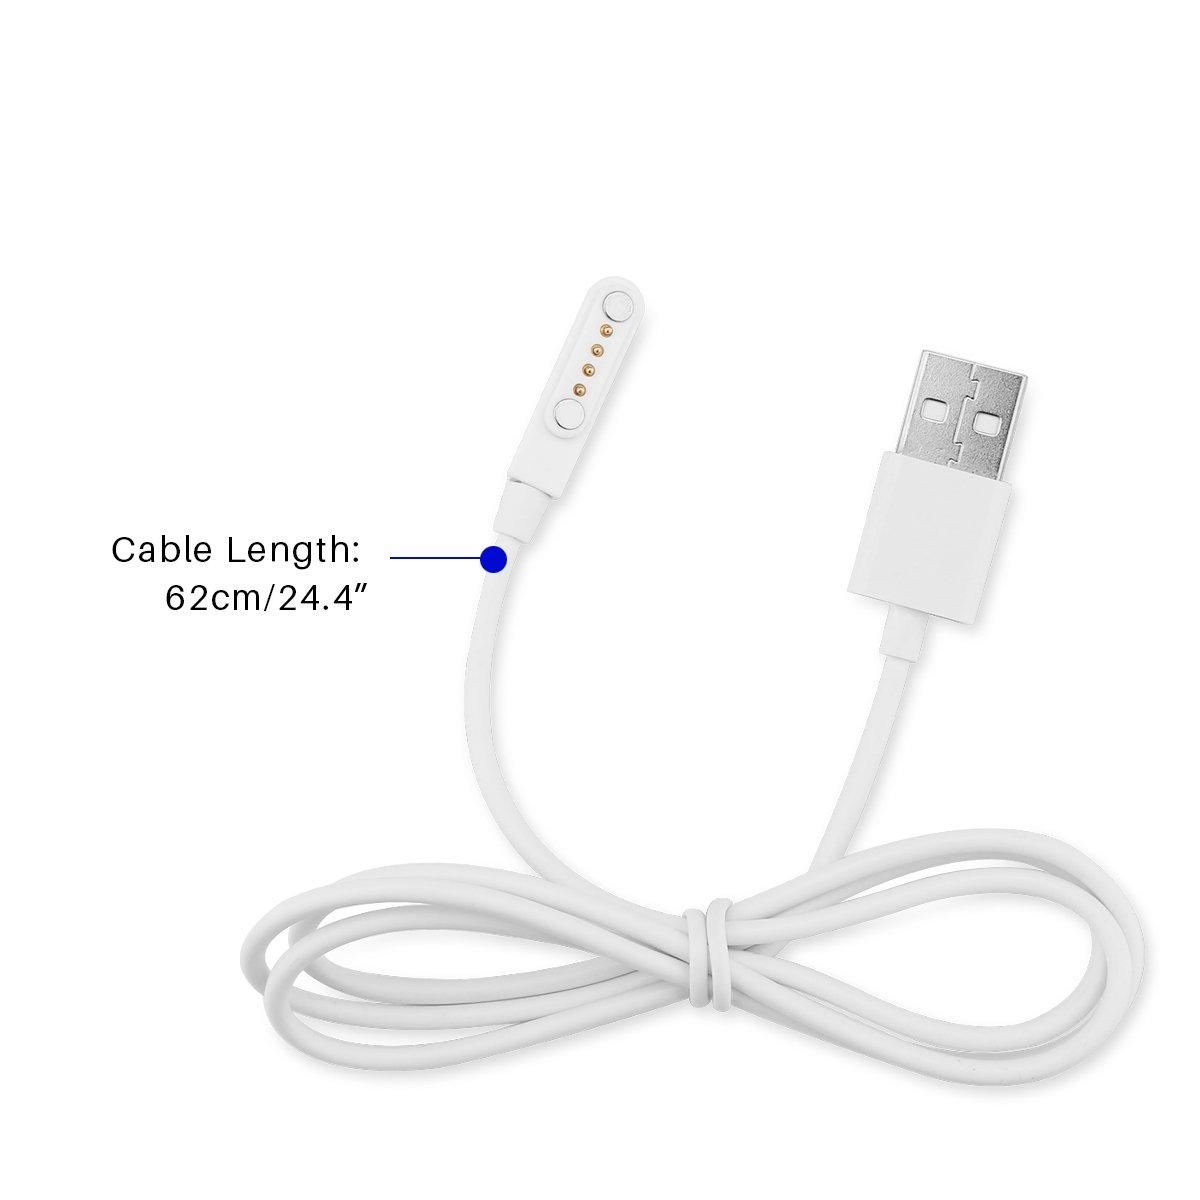 Sunsbell USB 2.0 Macho a 4 Pines pogo por Cable, Cargador de Reloj magnético USB, Cable de Carga para Smart Reloj GT88, GT68, KW08, KW18, KW88, KW98, ...